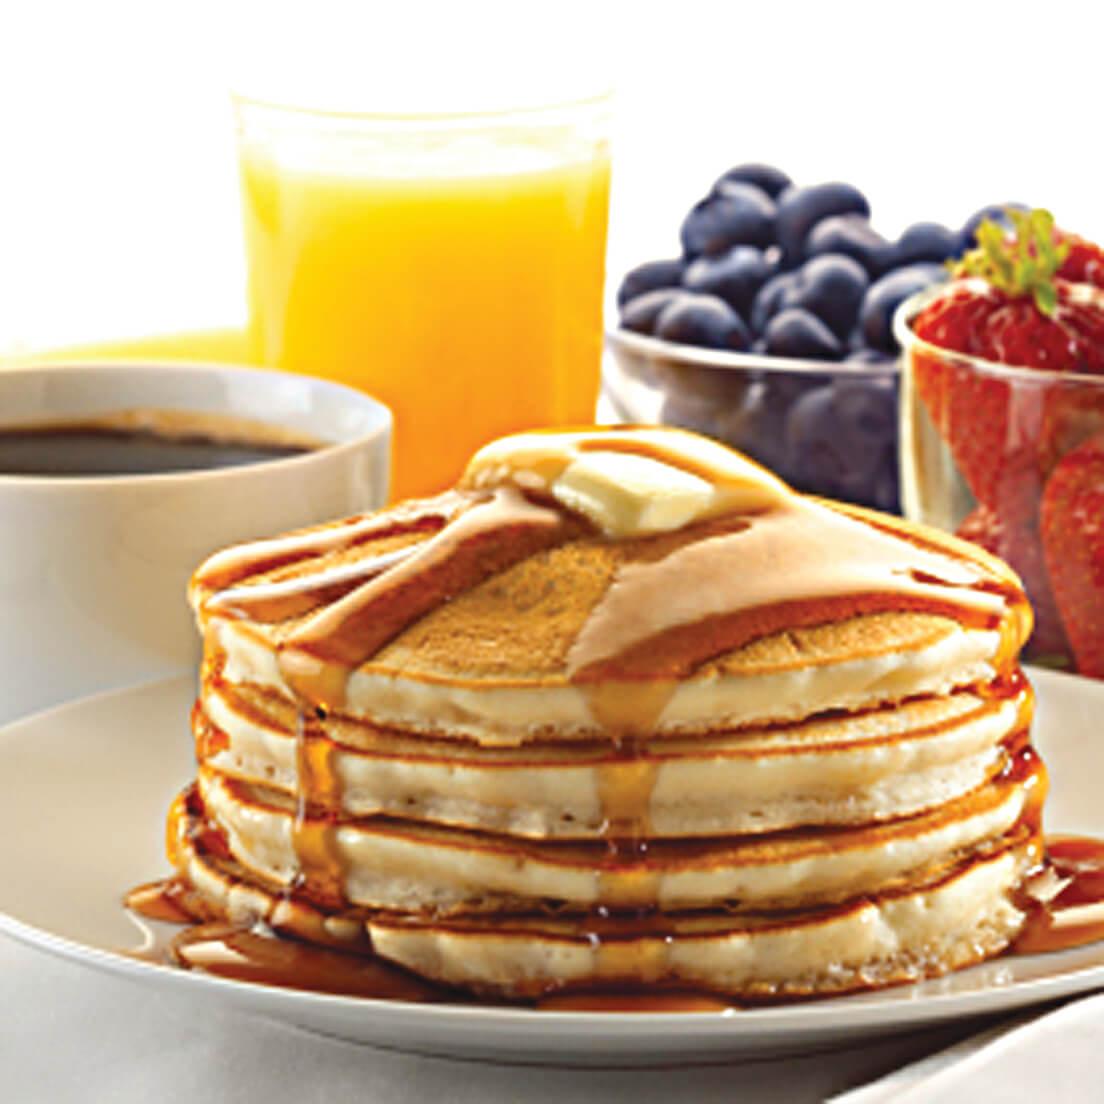 חביתיות (פנקייק) לארוחת בוקר